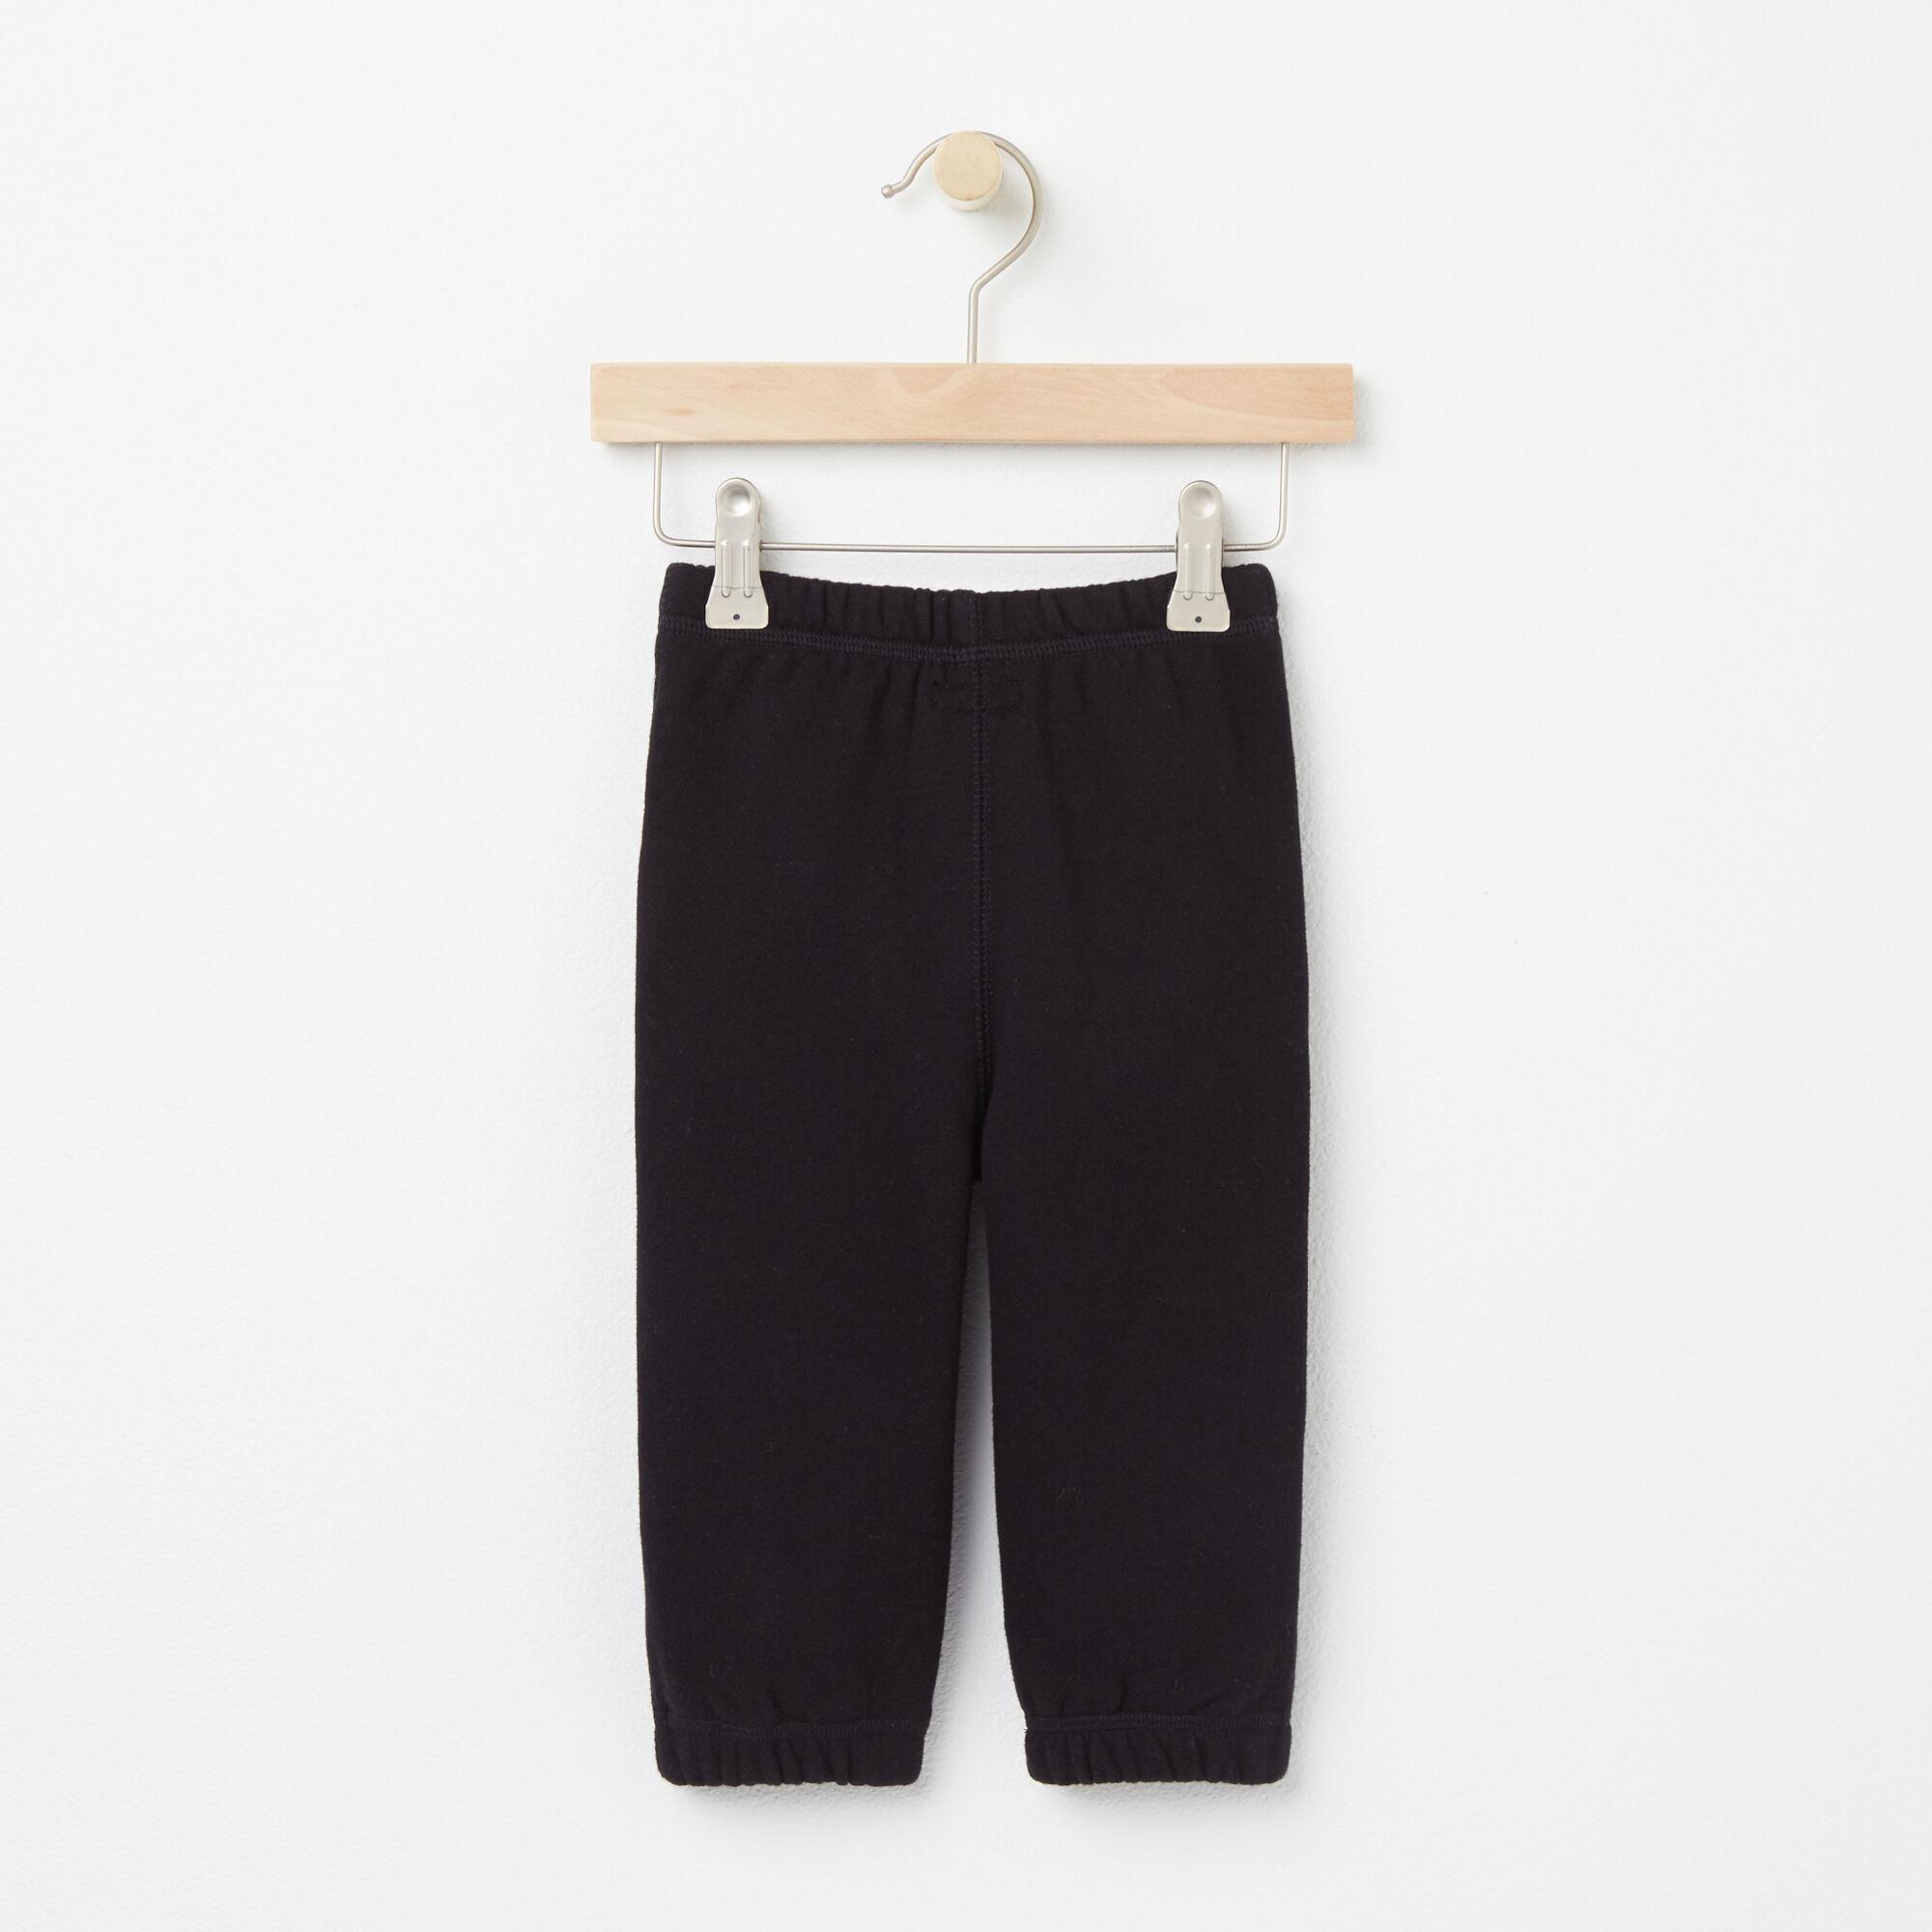 Bébés Pantalon Co Original True North